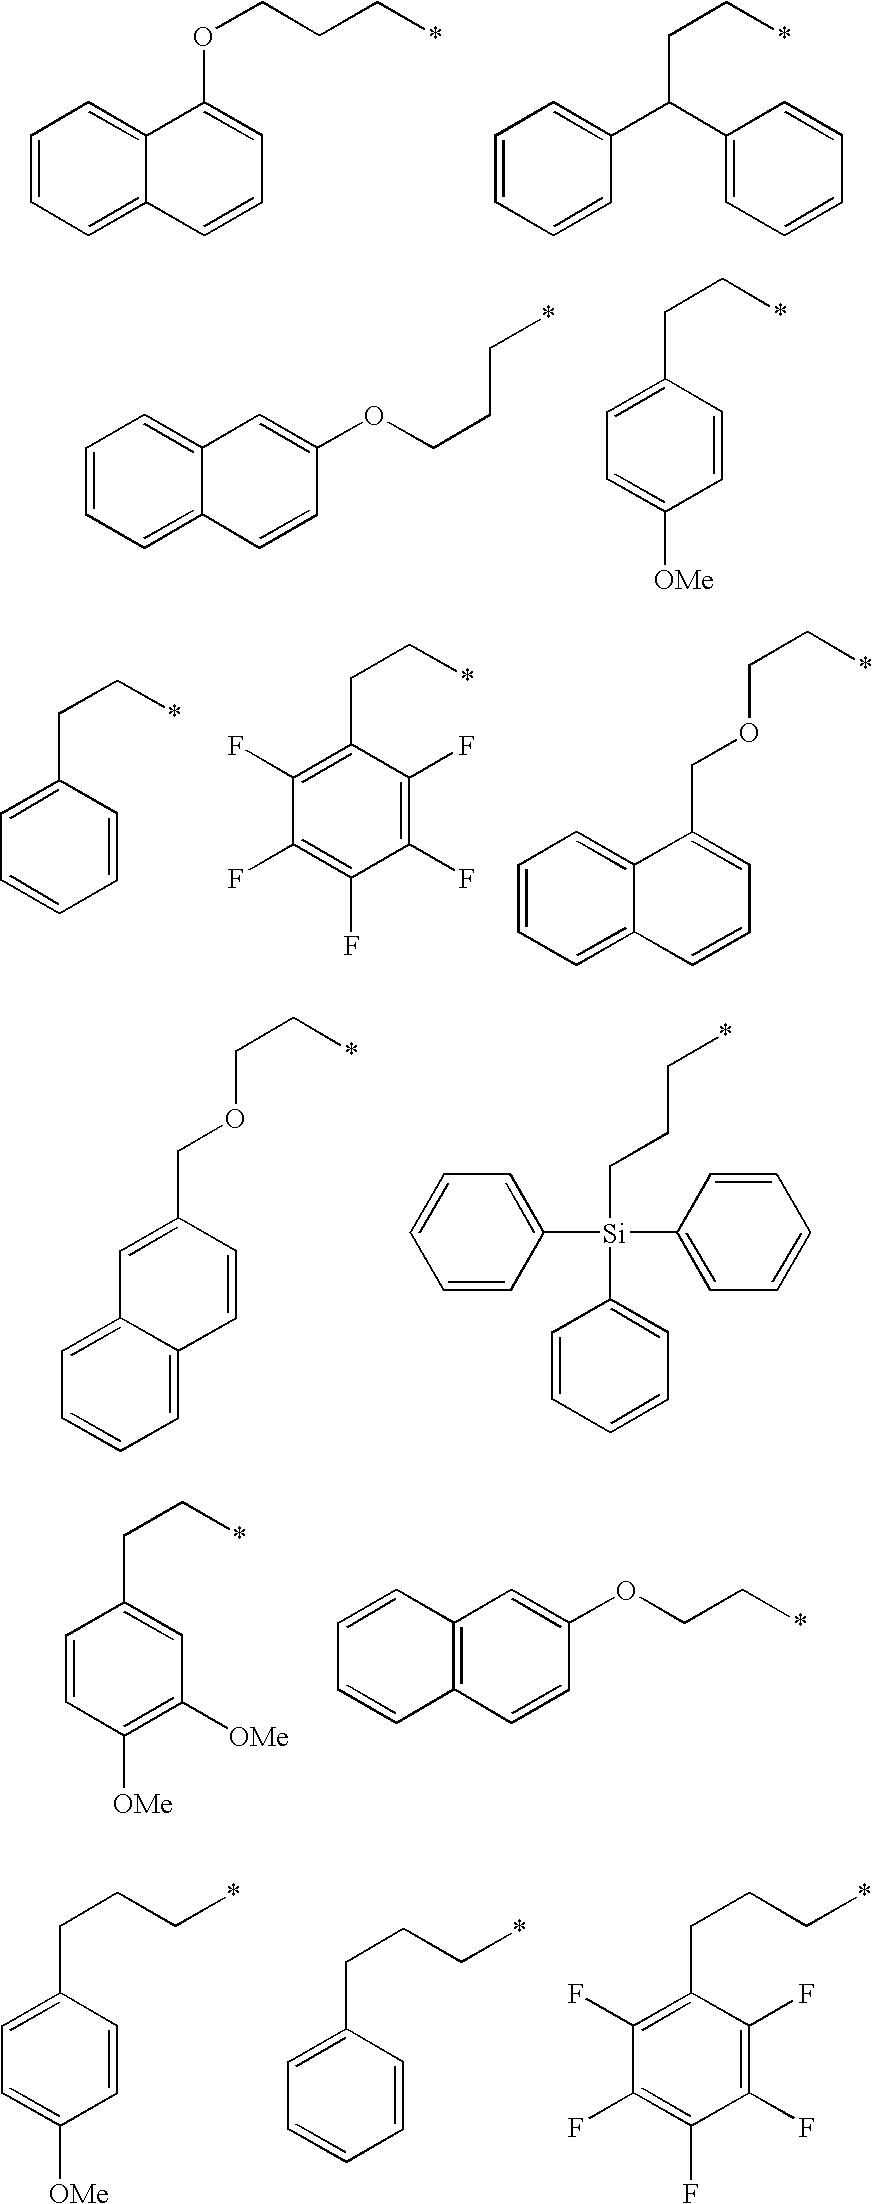 Figure US06730767-20040504-C00013